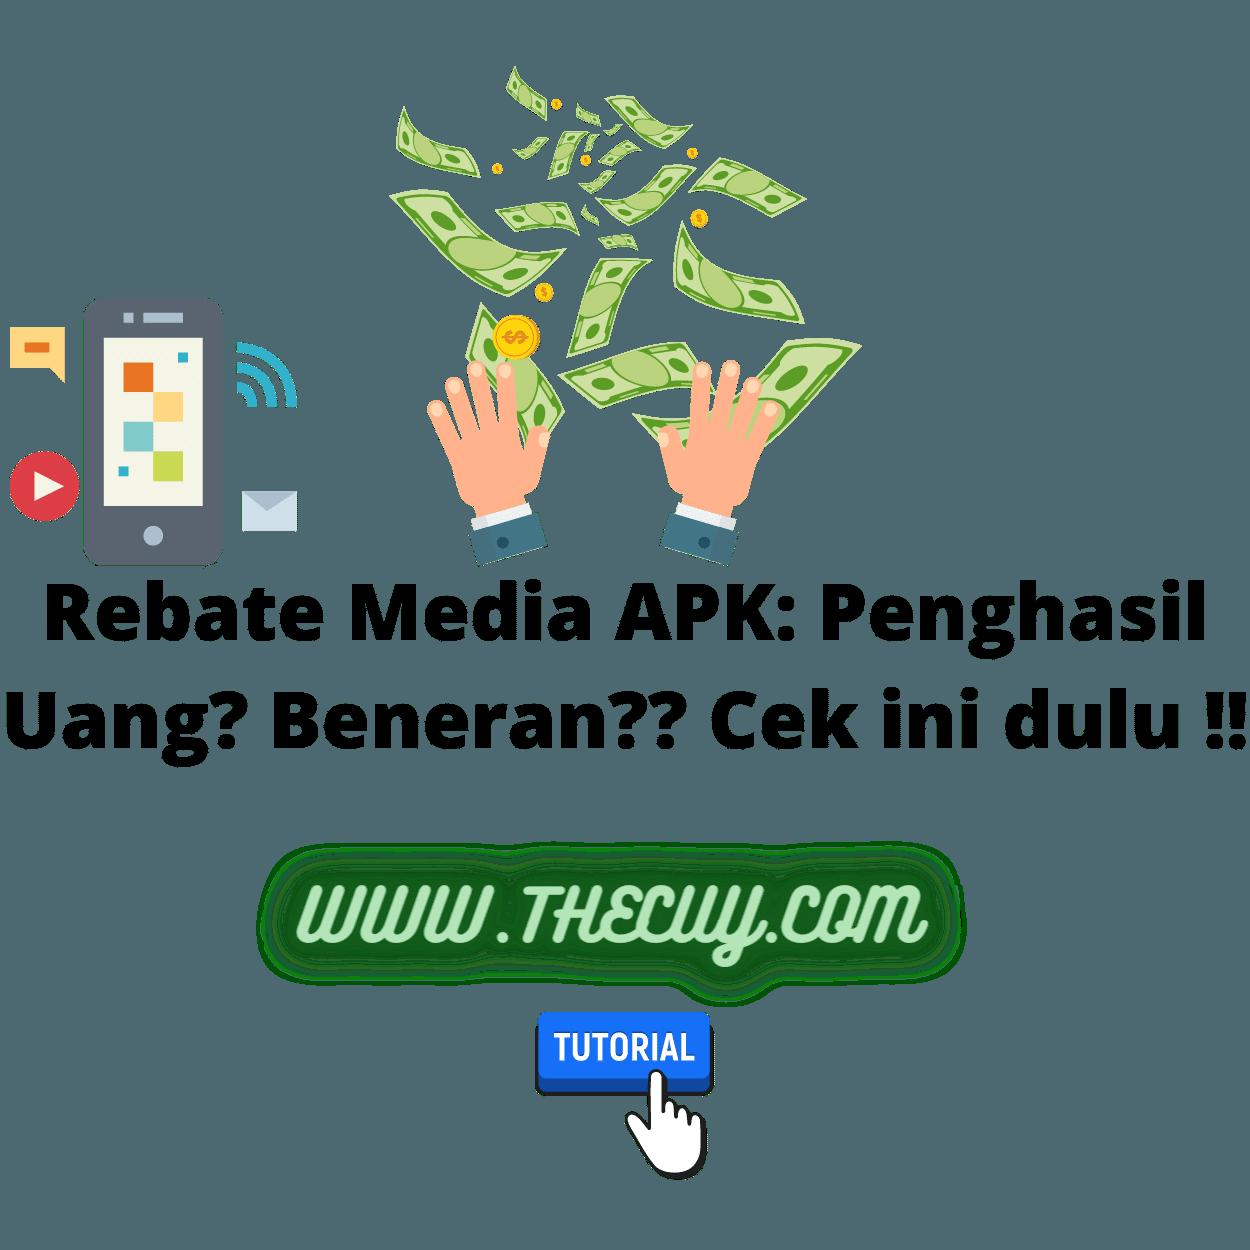 Rebate Media APK: Penghasil Uang? Beneran?? Cek ini dulu !!